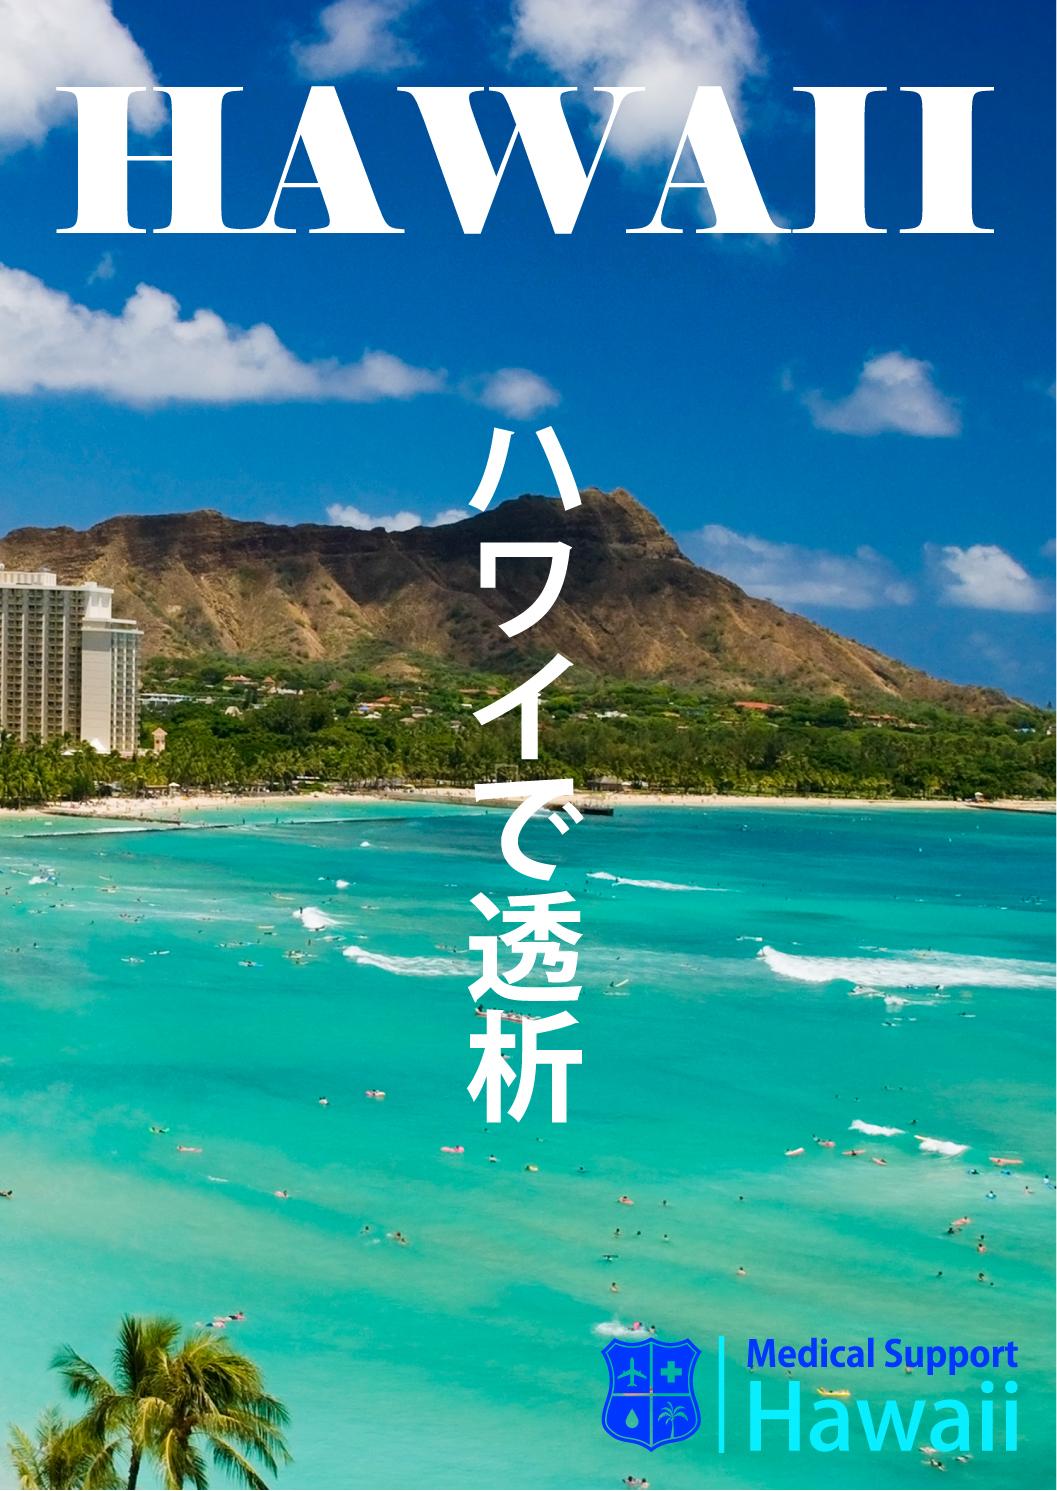 ハワイ旅行中の人工透析(Dialysis)のイメージ画像